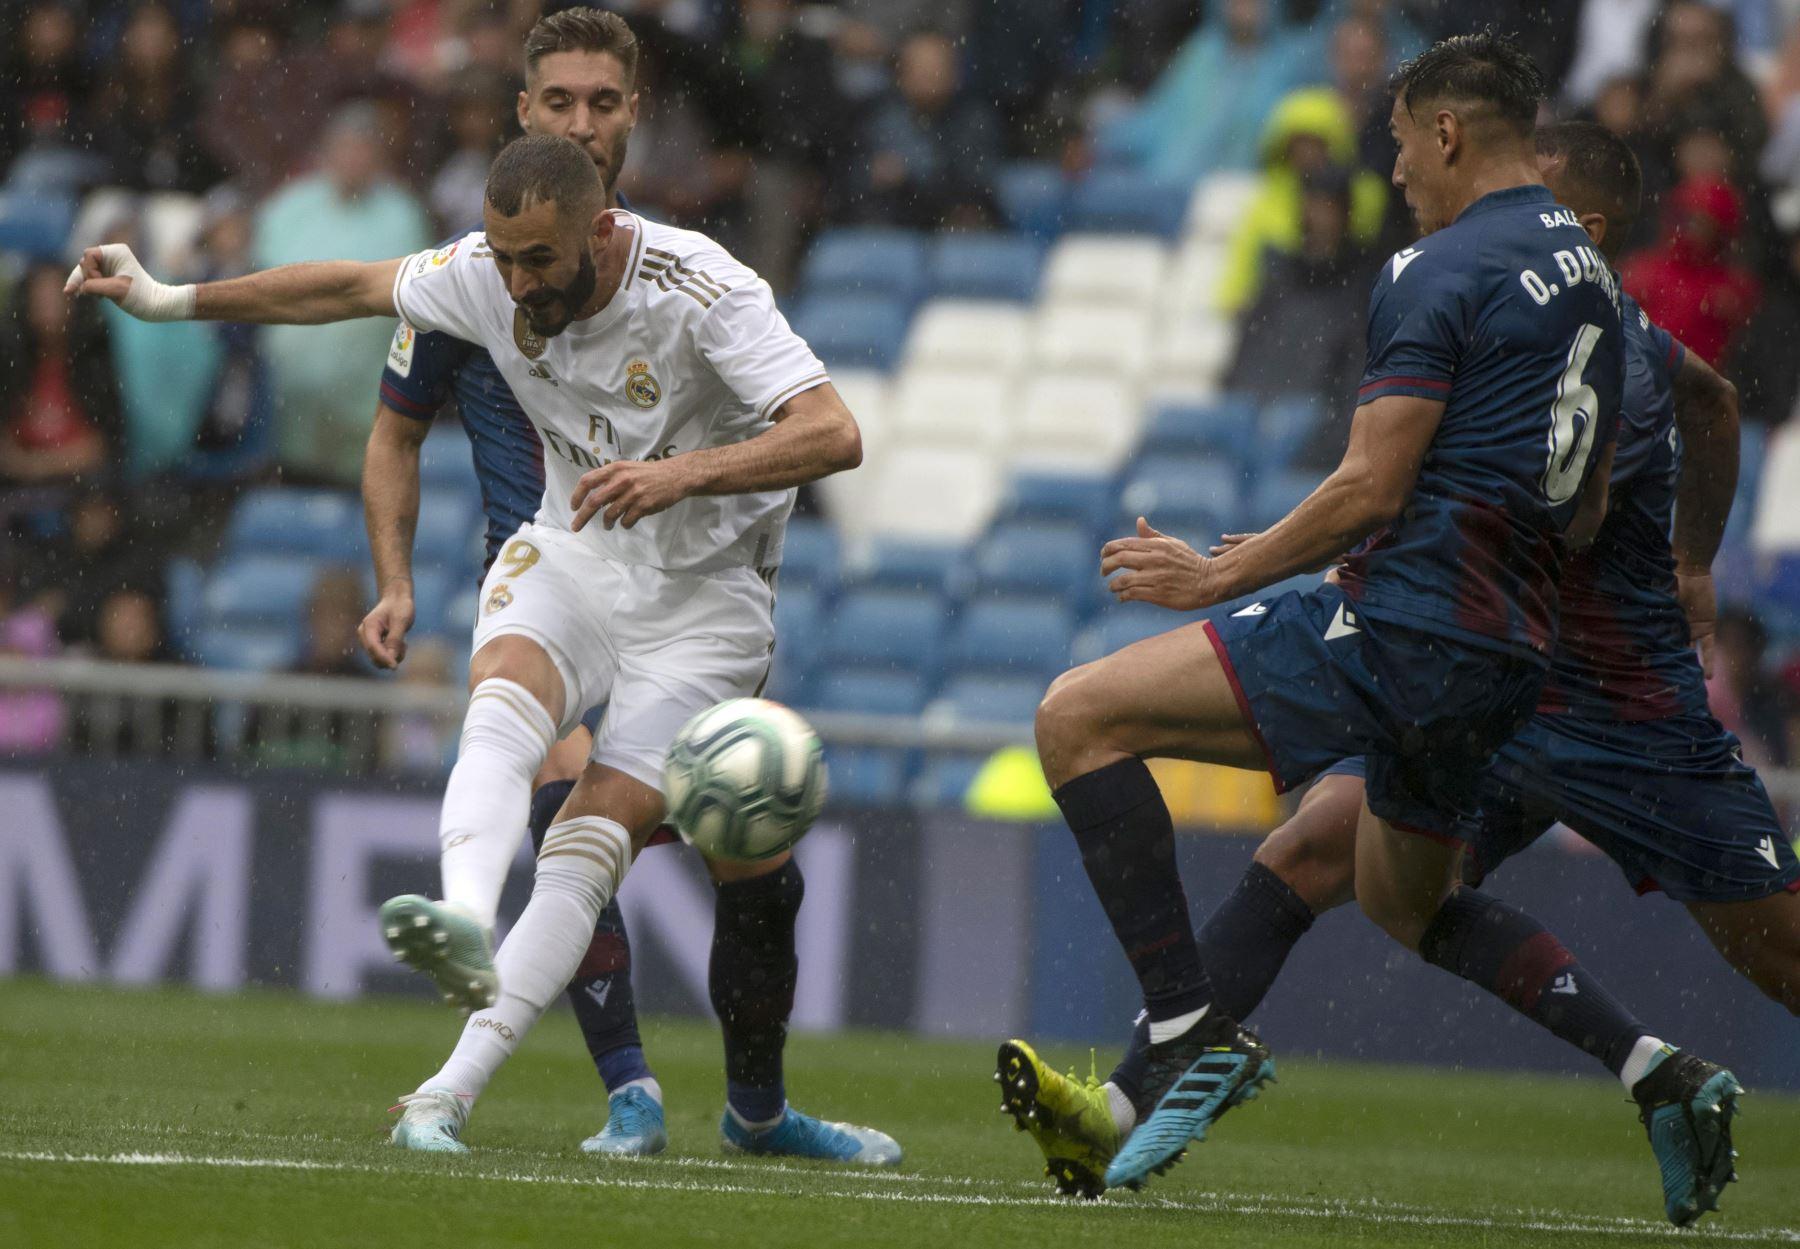 Real Madrid vence 3-2 al Levante con un doblete de Karim Benzema. El defensa Oscar Duarte intenta bloquear el disparo. Foto: AFP